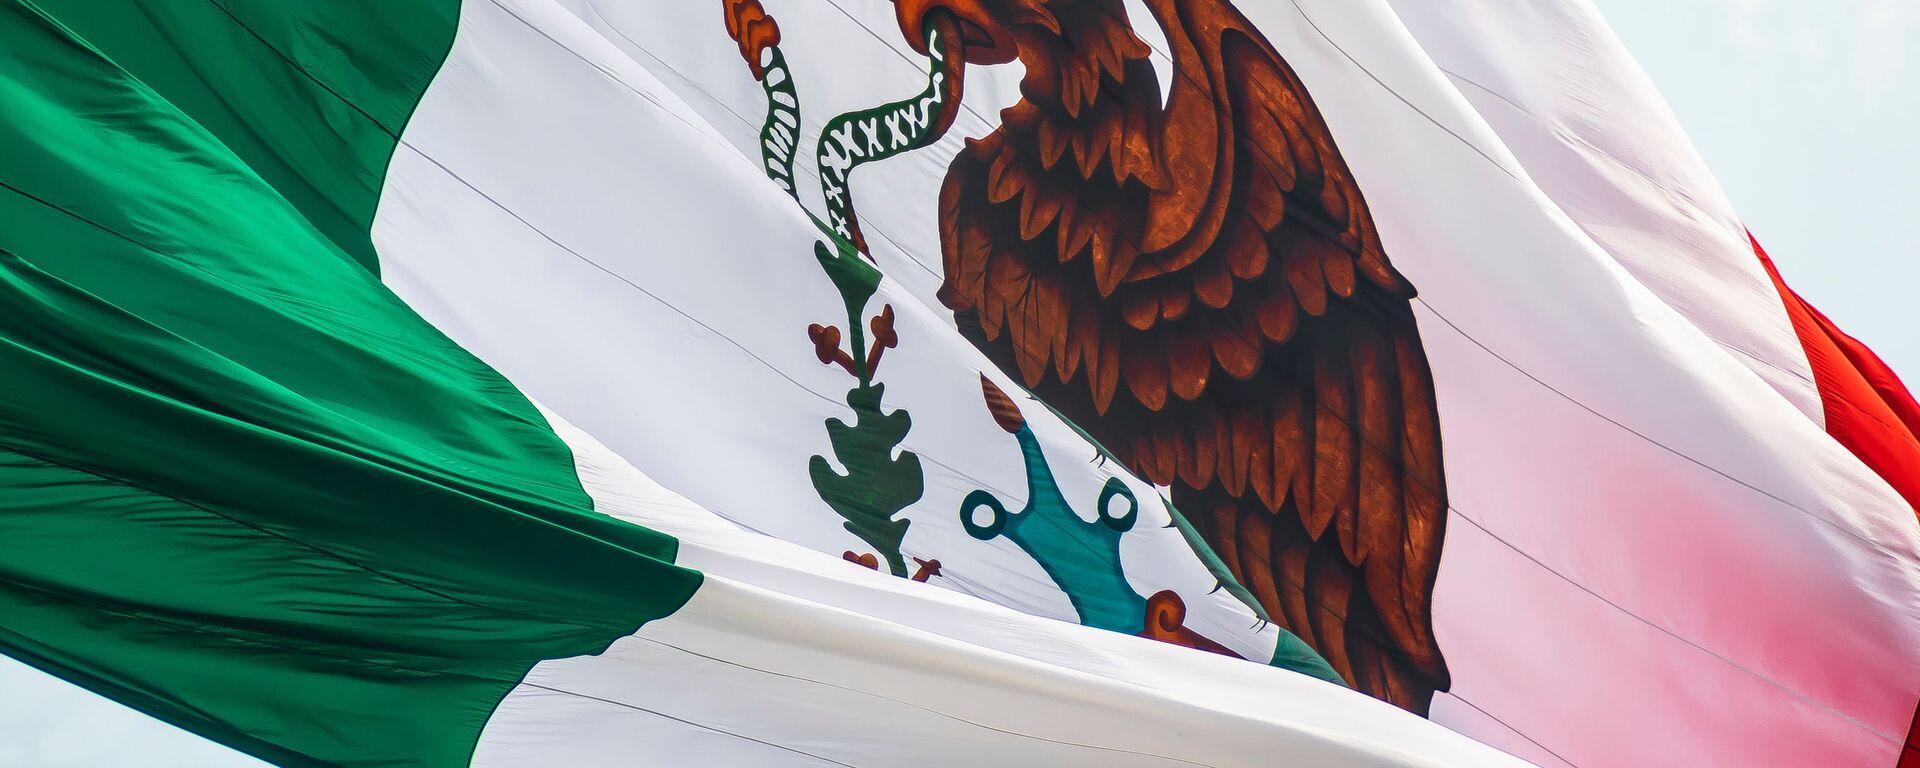 Bandera de México - Sputnik Mundo, 1920, 21.05.2021